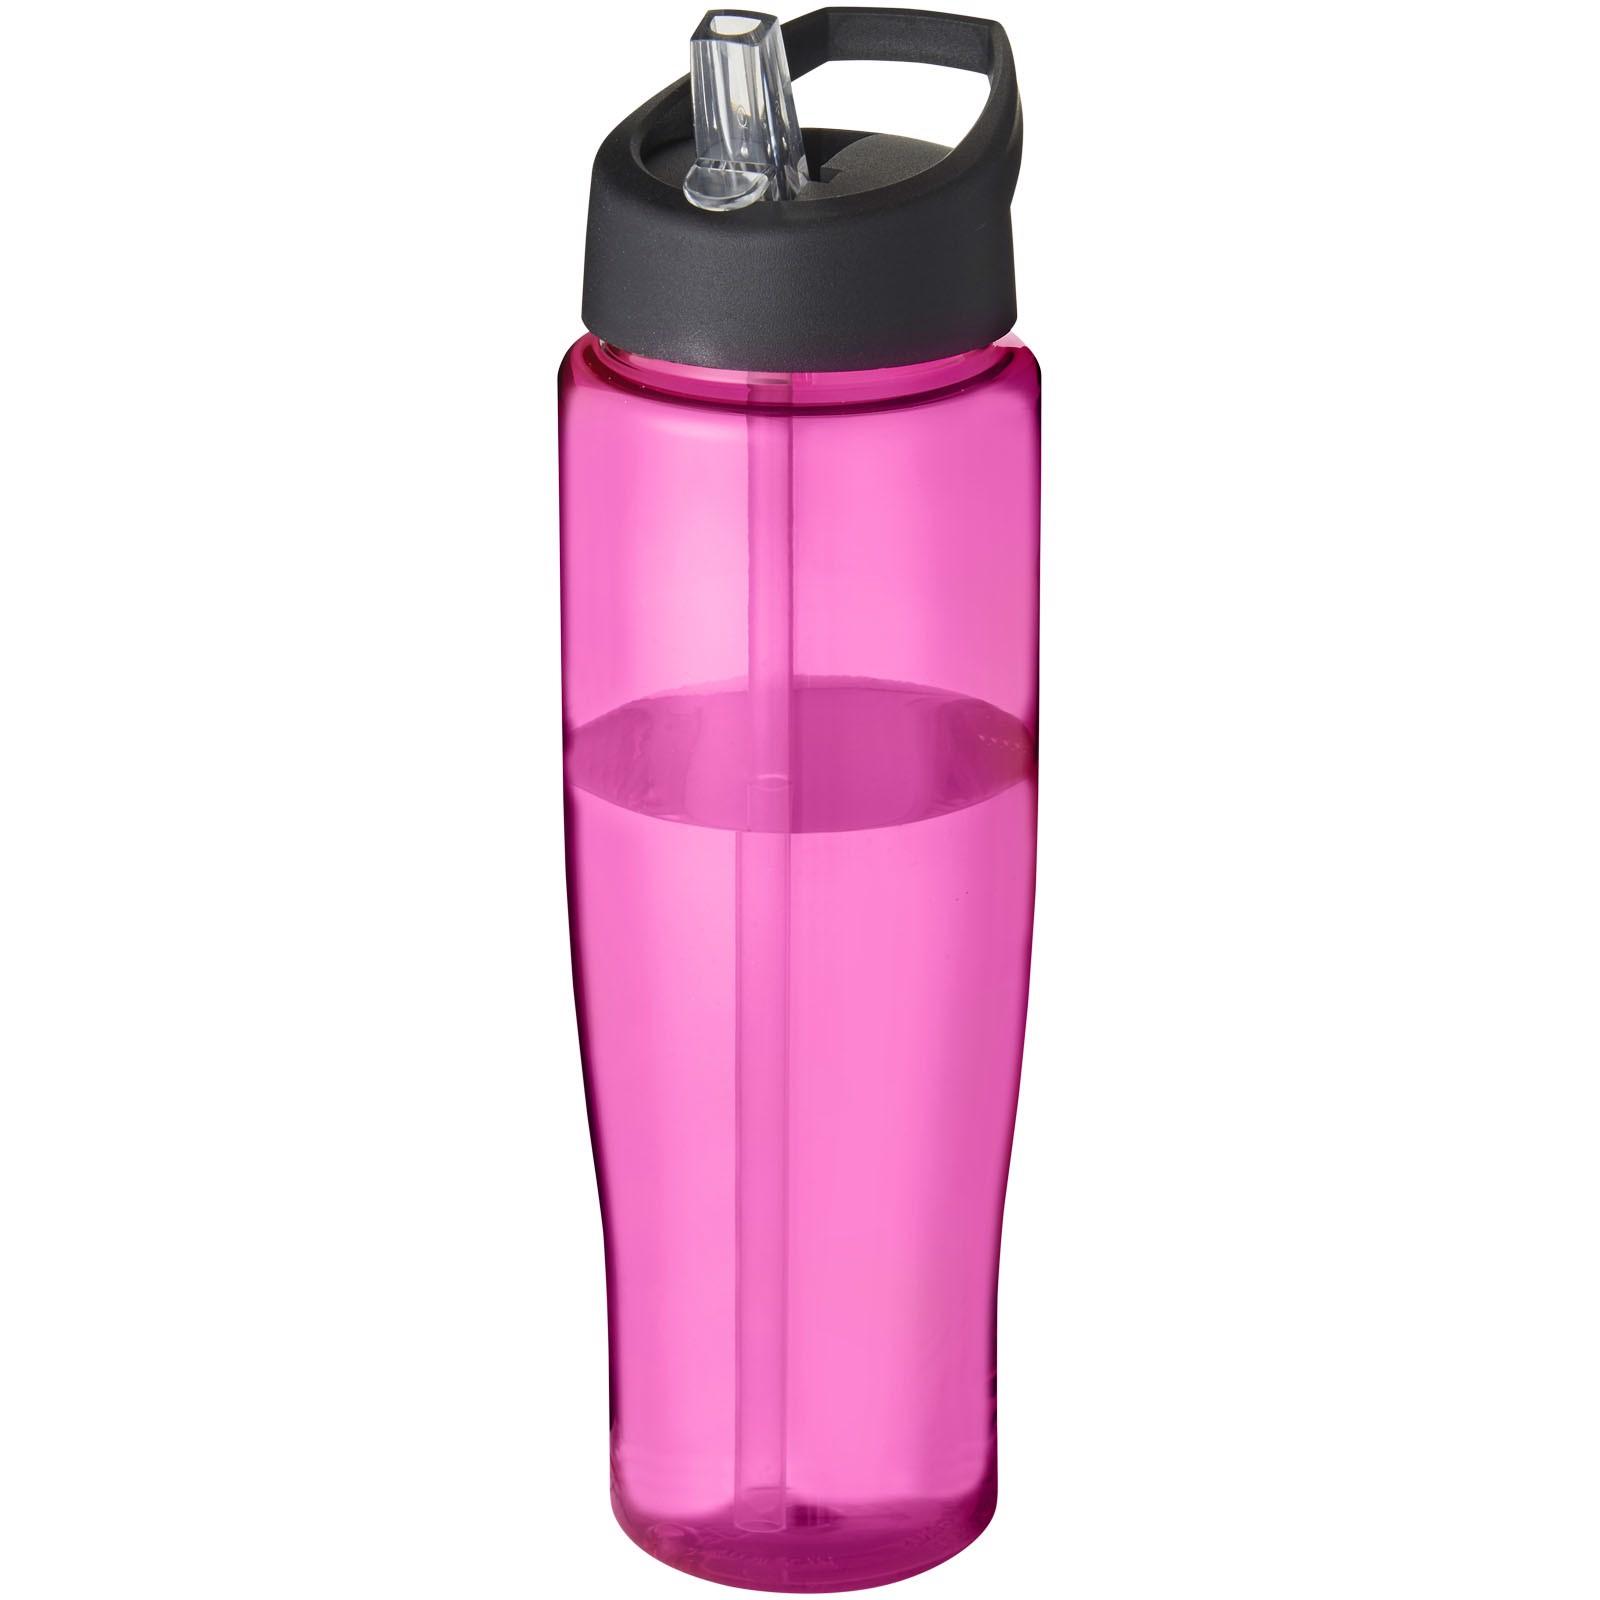 H2O Tempo® Bidón deportivo con tapa con boquilla de 700 ml - Rosa / Negro intenso